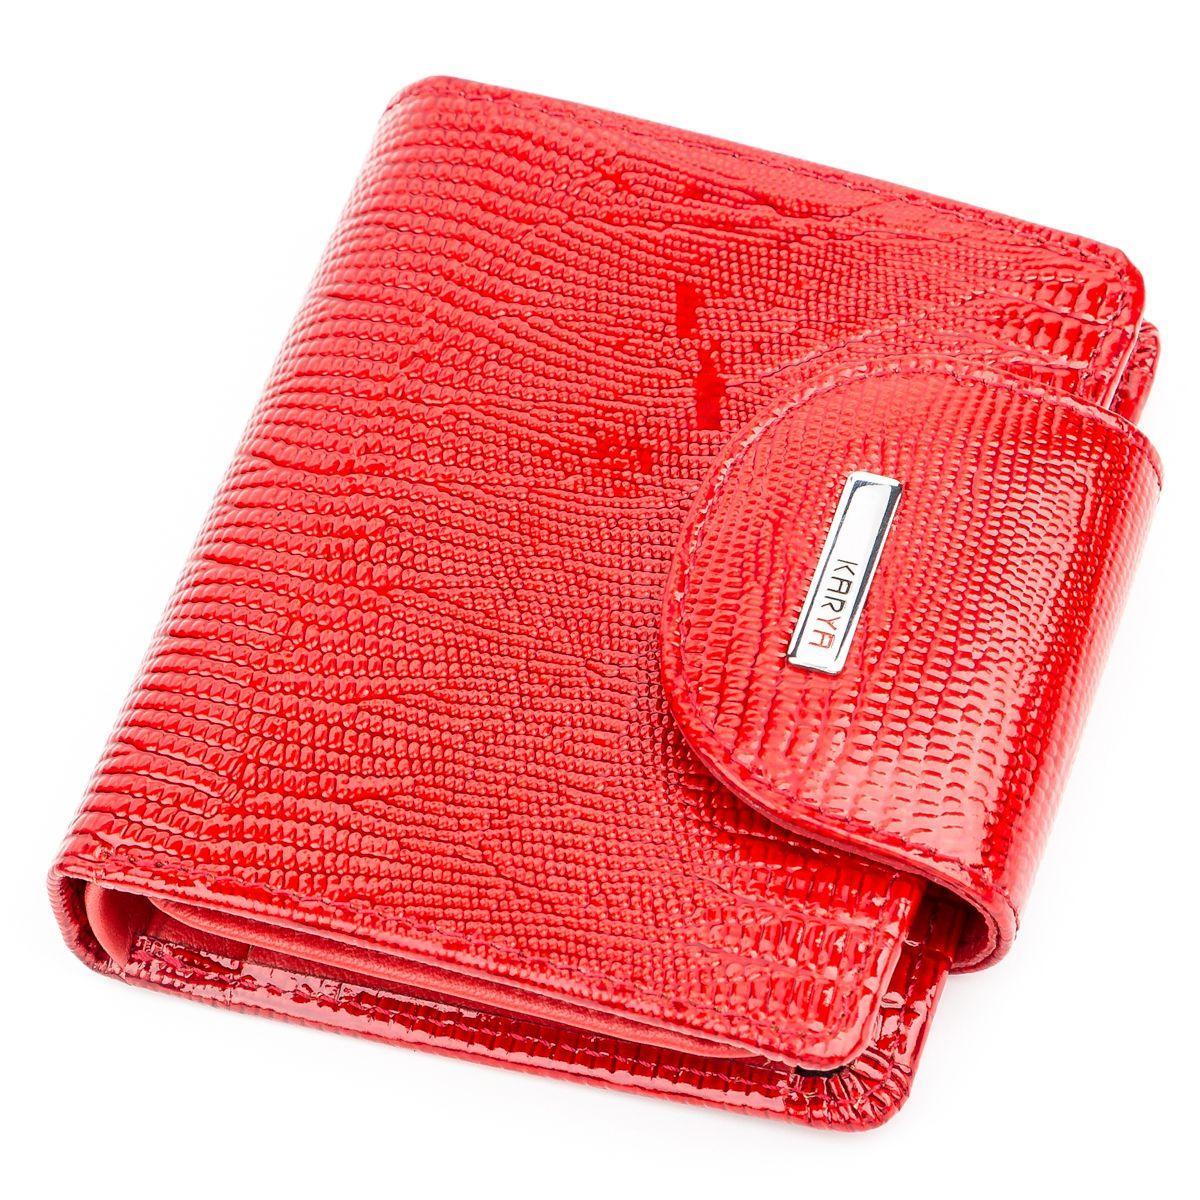 Кошелек женский KARYA 17163 кожаный Красный, Красный